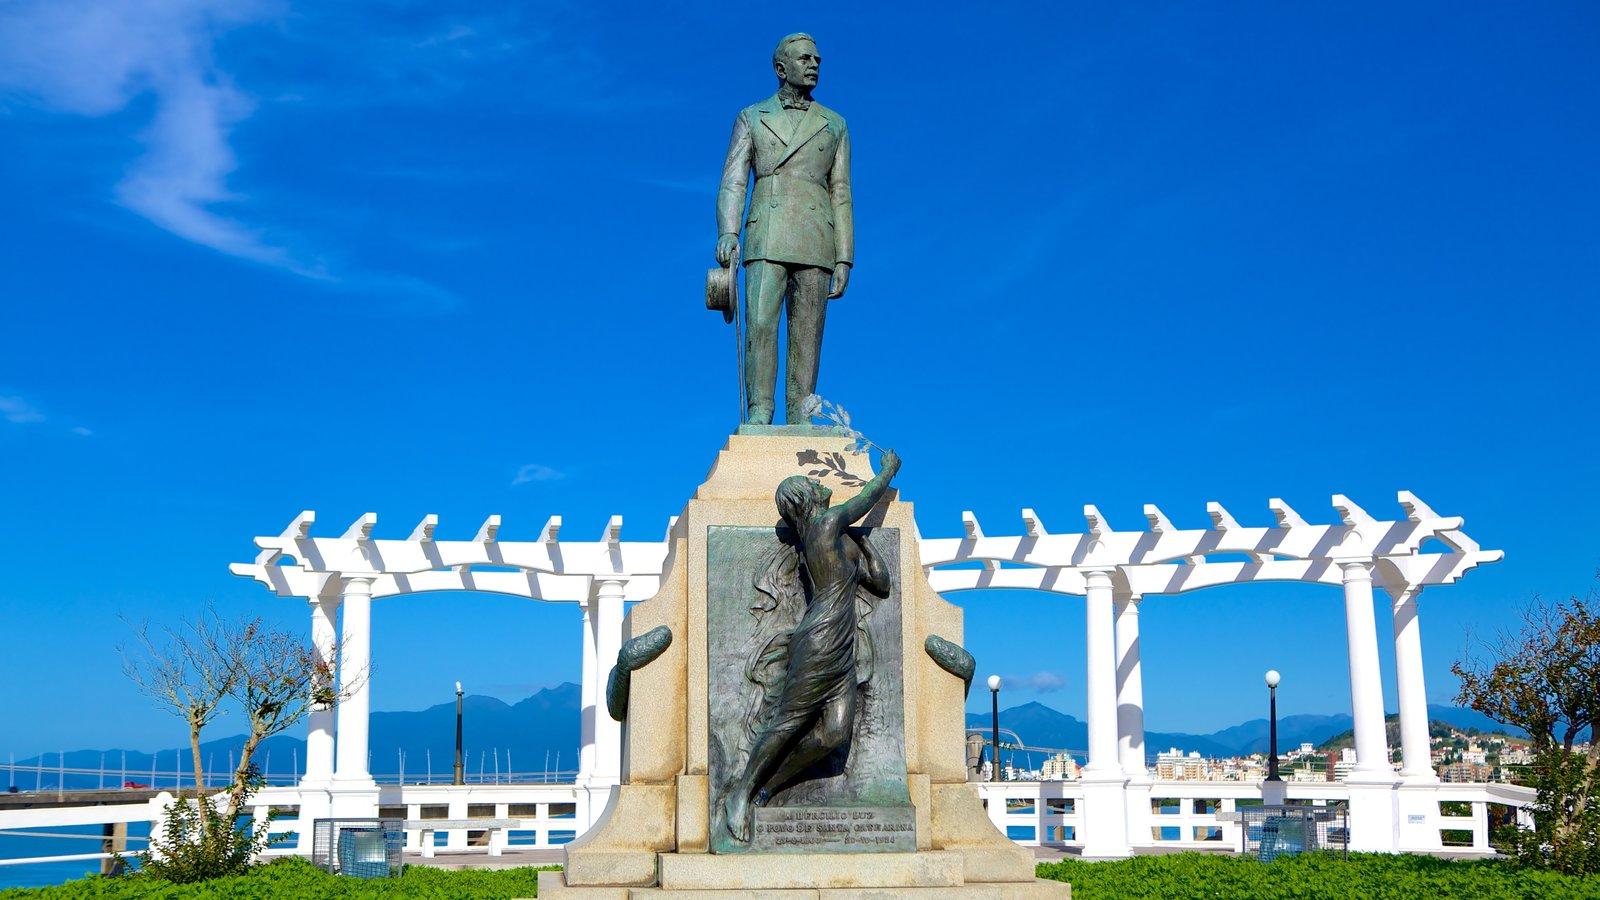 Ponte Hercílio Luz mostrando uma estátua ou escultura e um parque